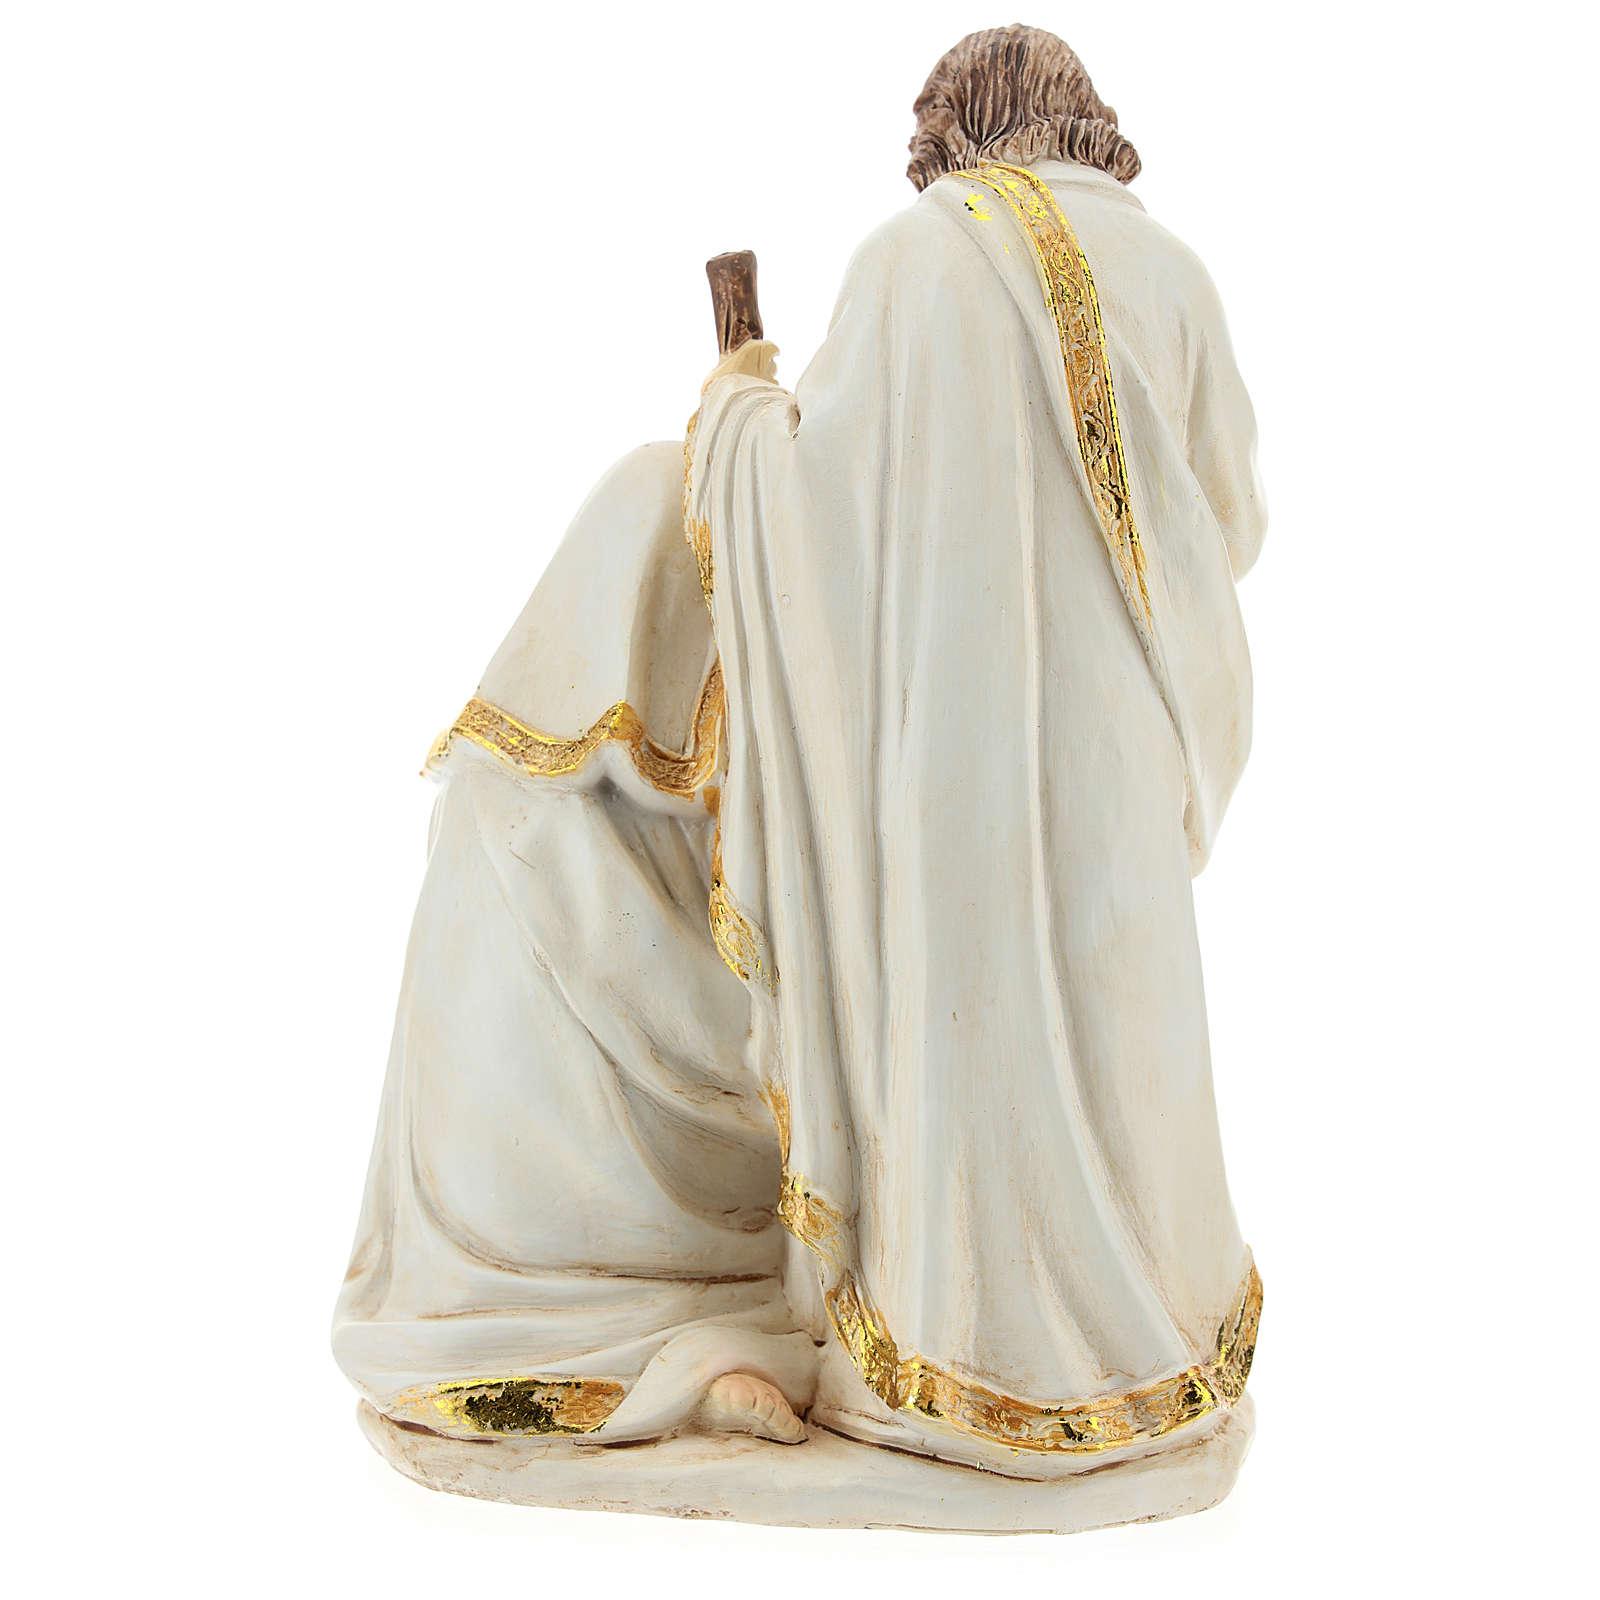 Cena Natividade resina acabamento cor de marfim para presépio com figuras de 19 cm de altura média 3